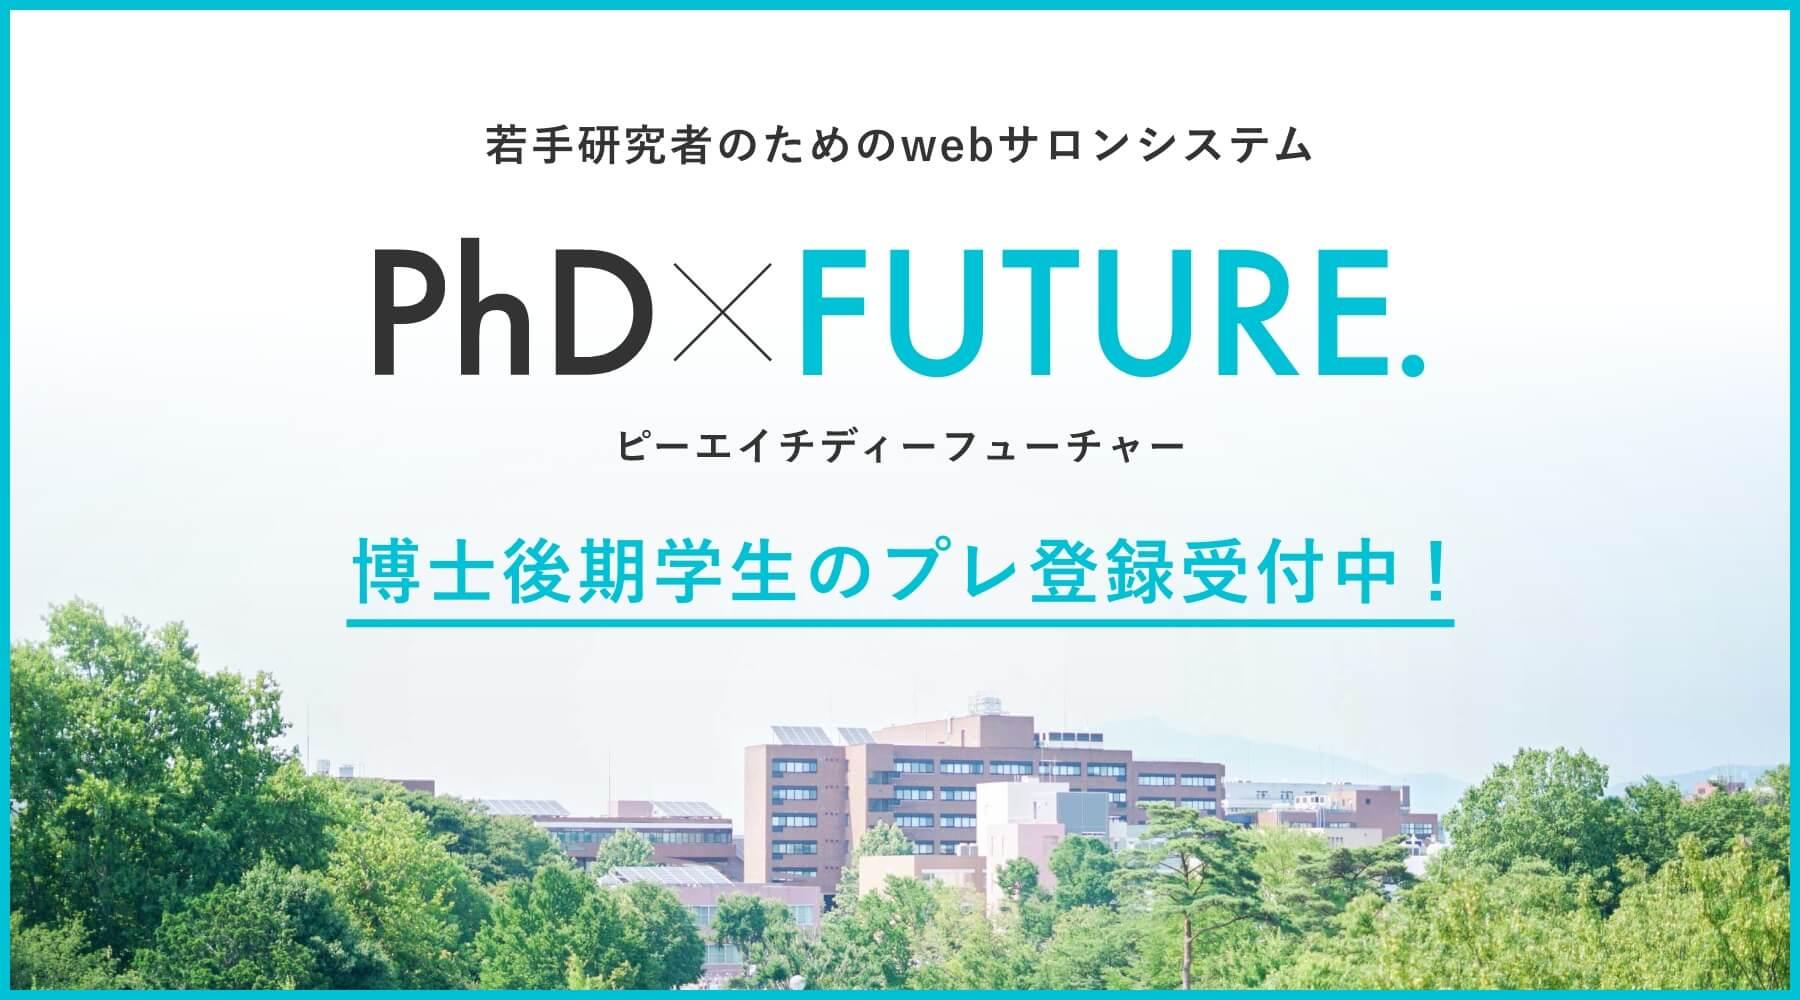 筑波大学 PhD x FUTURE.